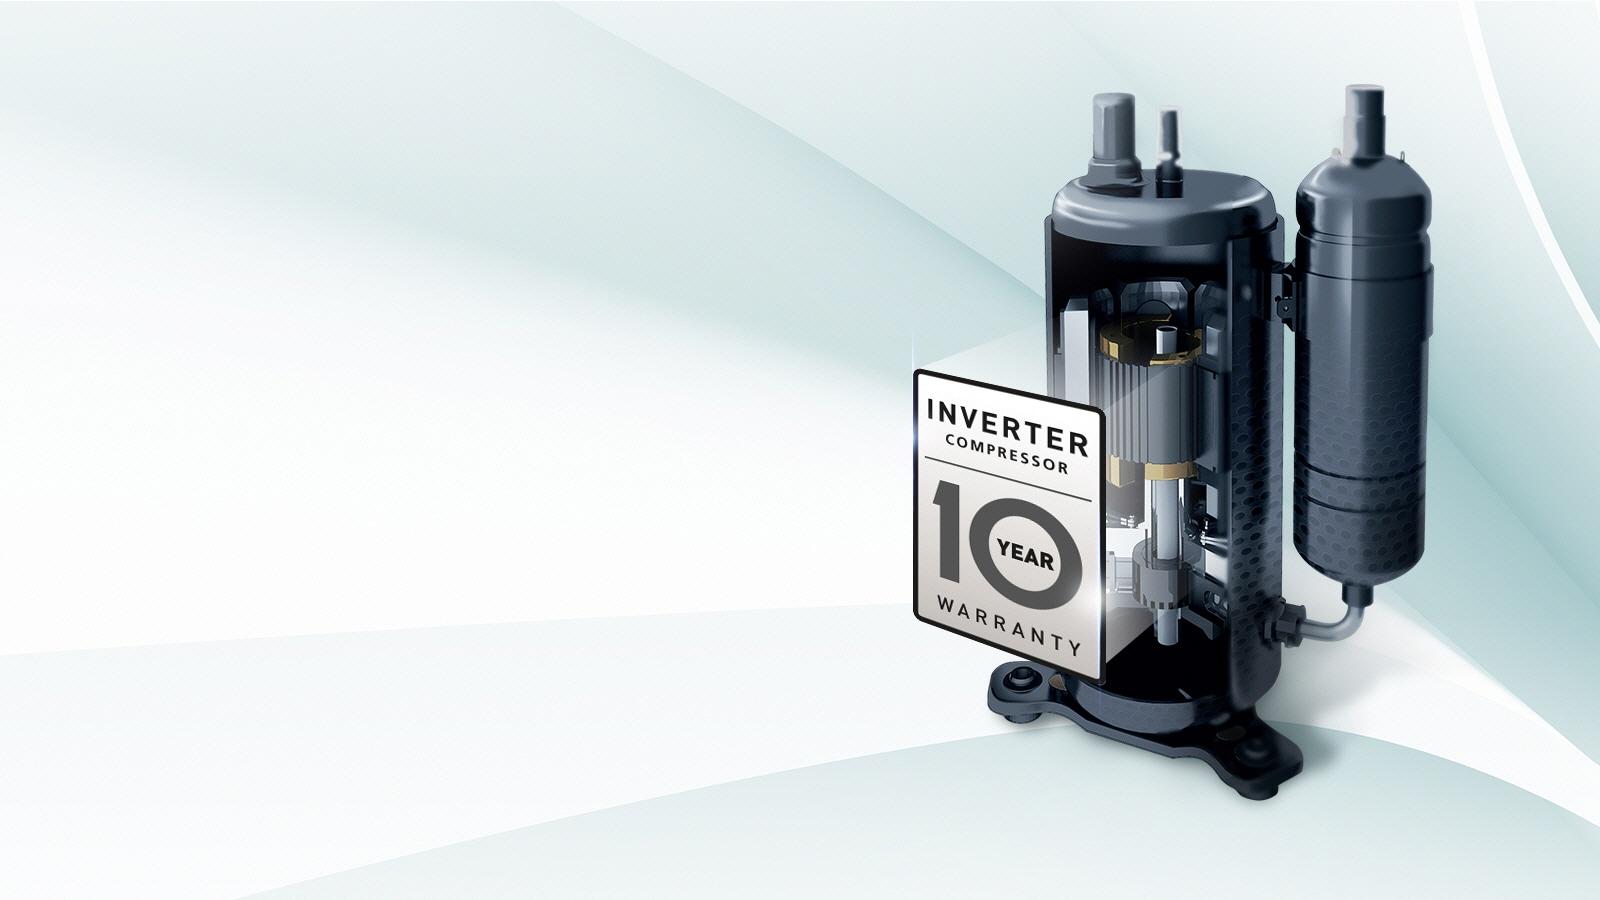 Inverter Kompressor mit 10 Jahren Garantie